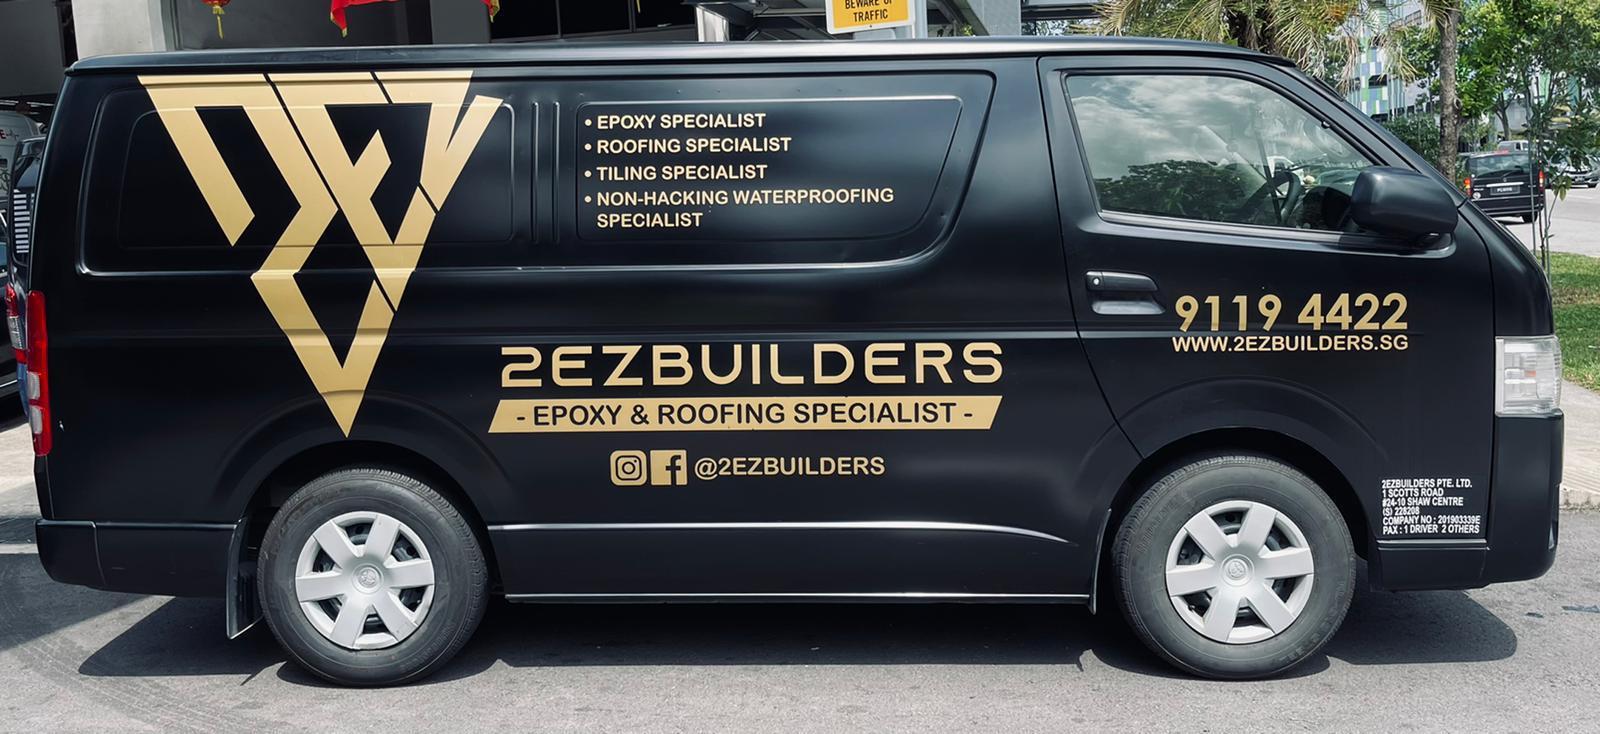 2ezBuilders